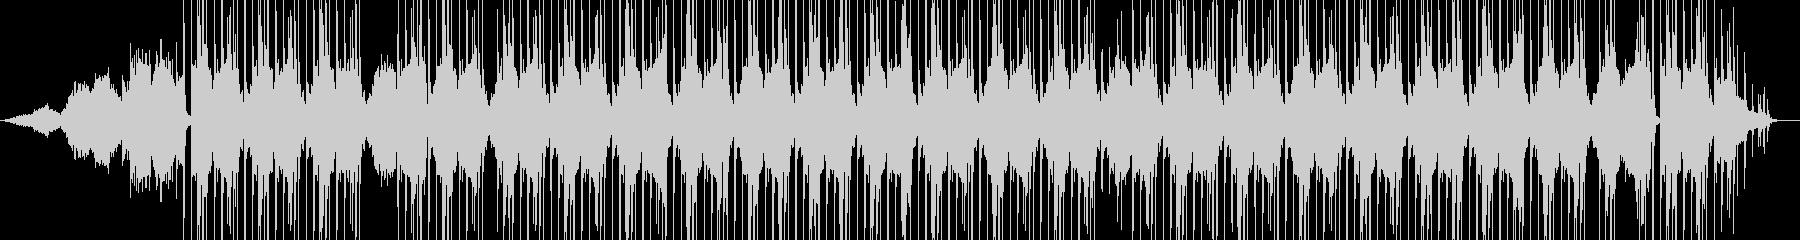 幻想系ビートの未再生の波形